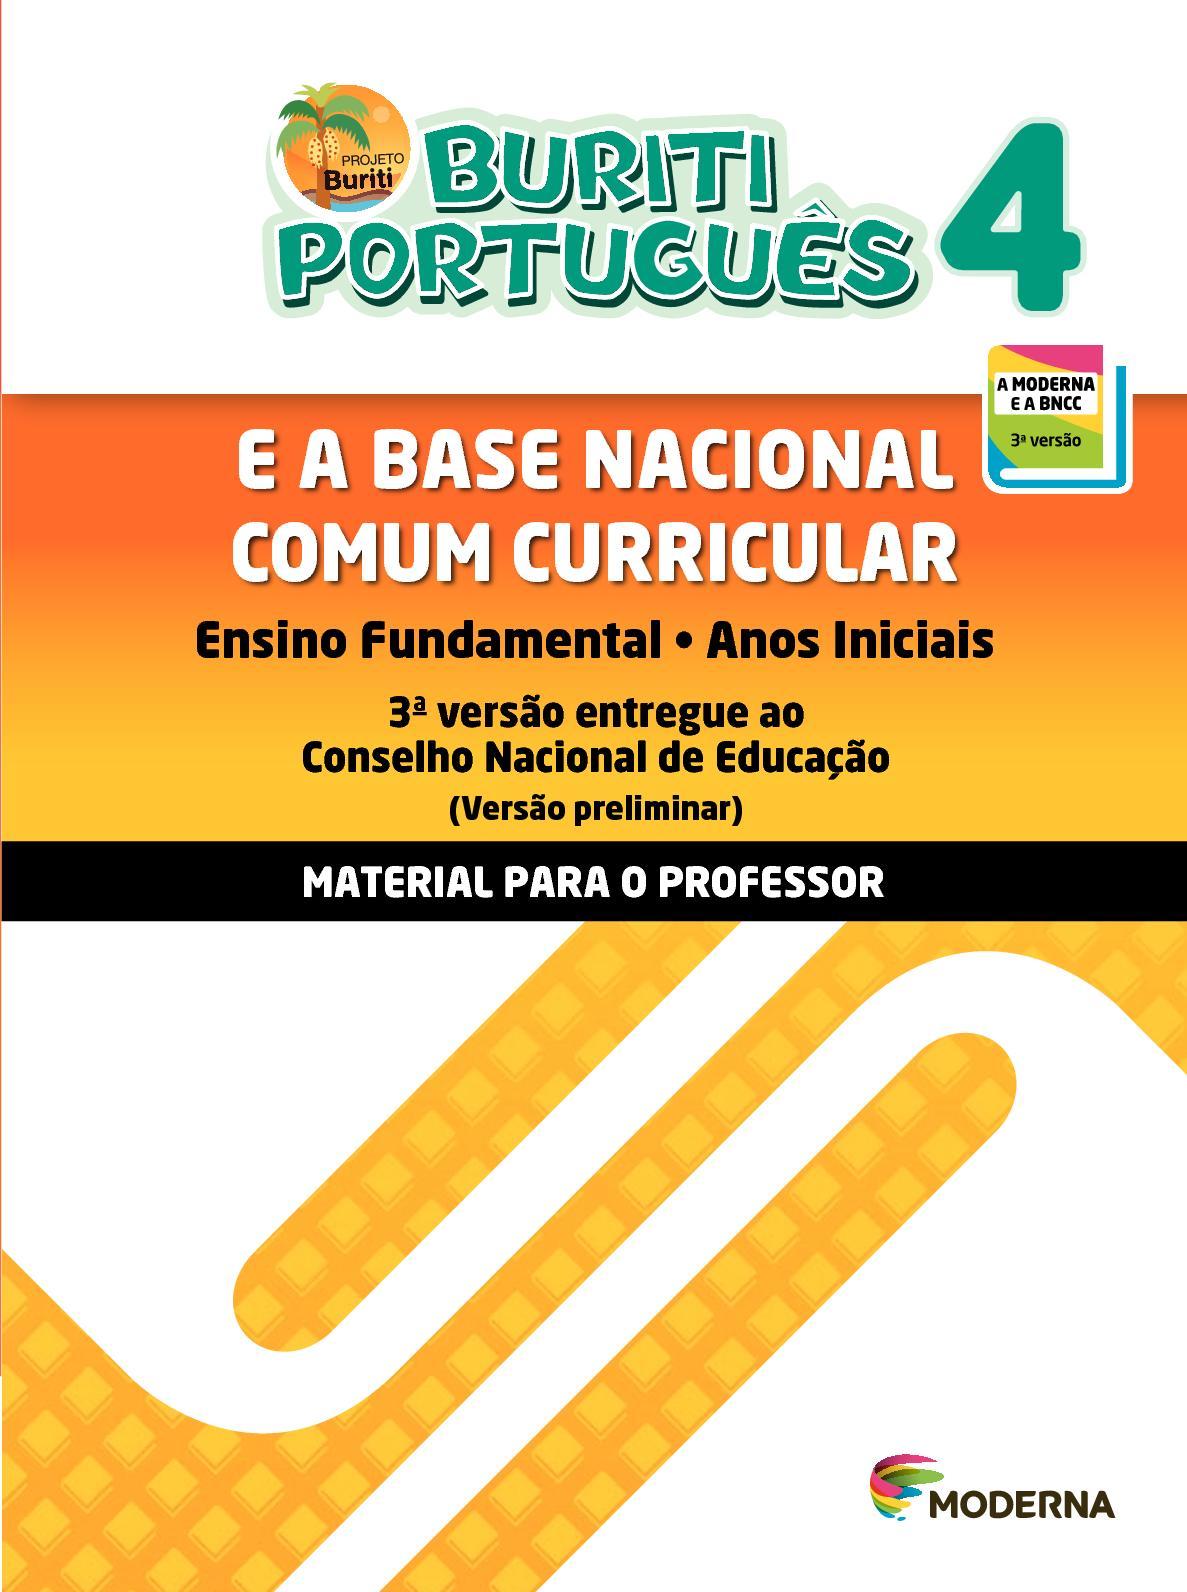 BNCC | Projeto Buriti Português 4